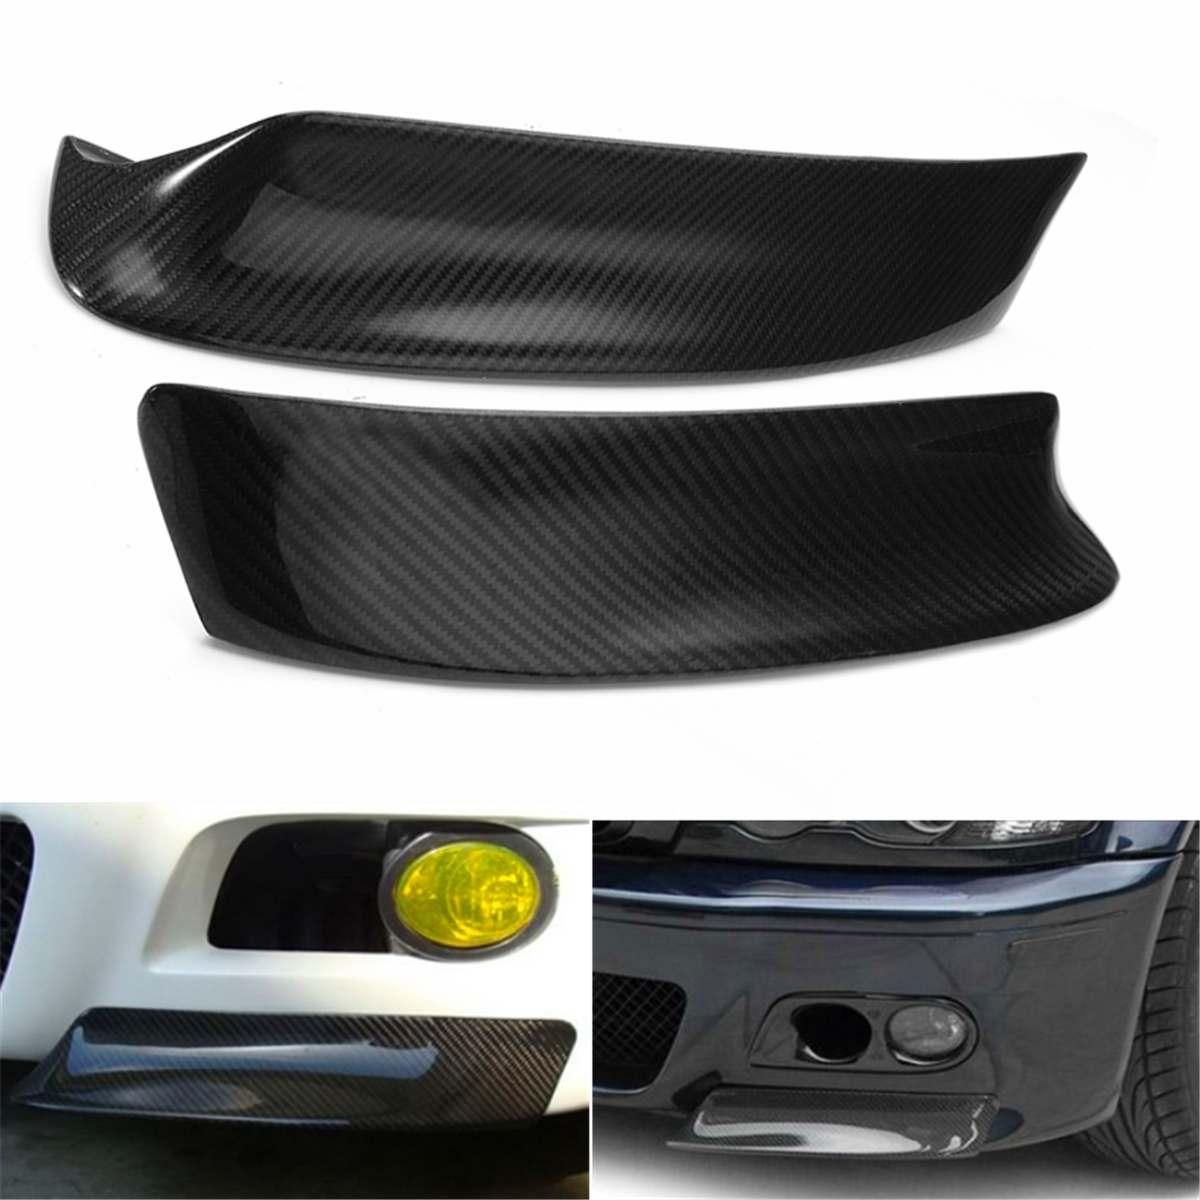 1 пара Гонки углеродного волокна Стиль передний бампер губ рассеиватель разветвители Canard сплиттер вентиляционное отверстие Накладка для BMW...